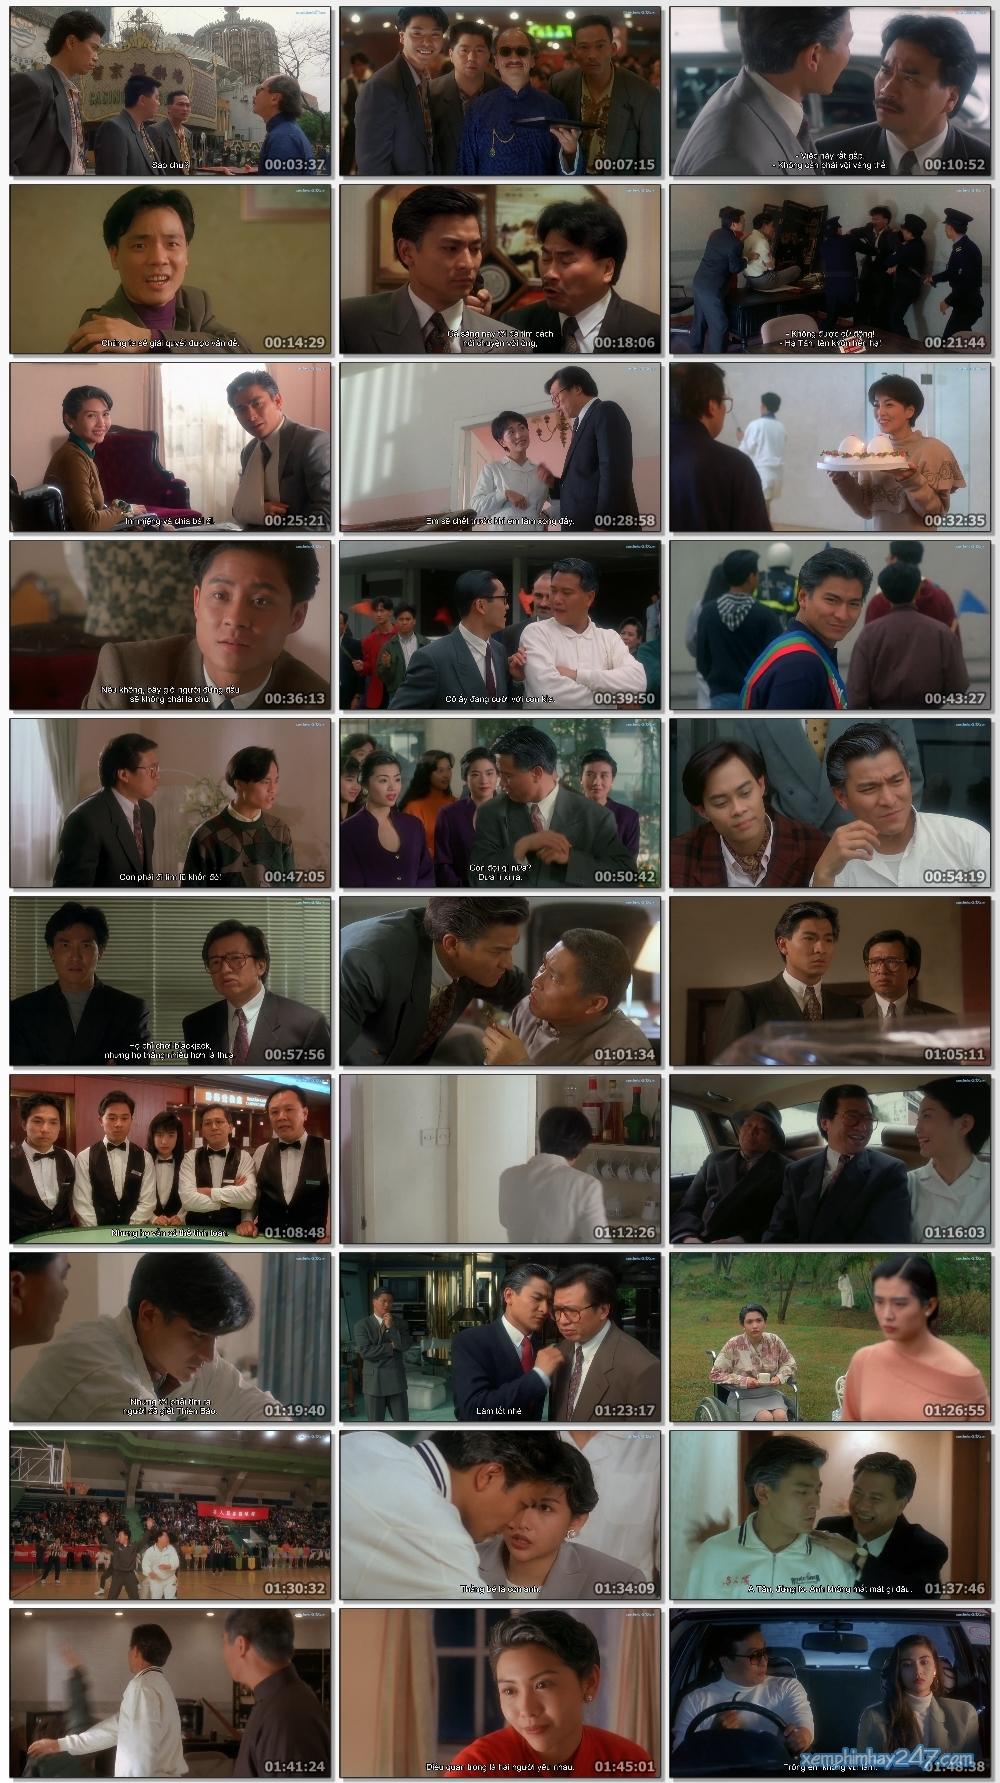 http://xemphimhay247.com - Xem phim hay 247 - Bá Chủ Bịp Thành 2 (1992) - Casino Tycoon Ii (1992)